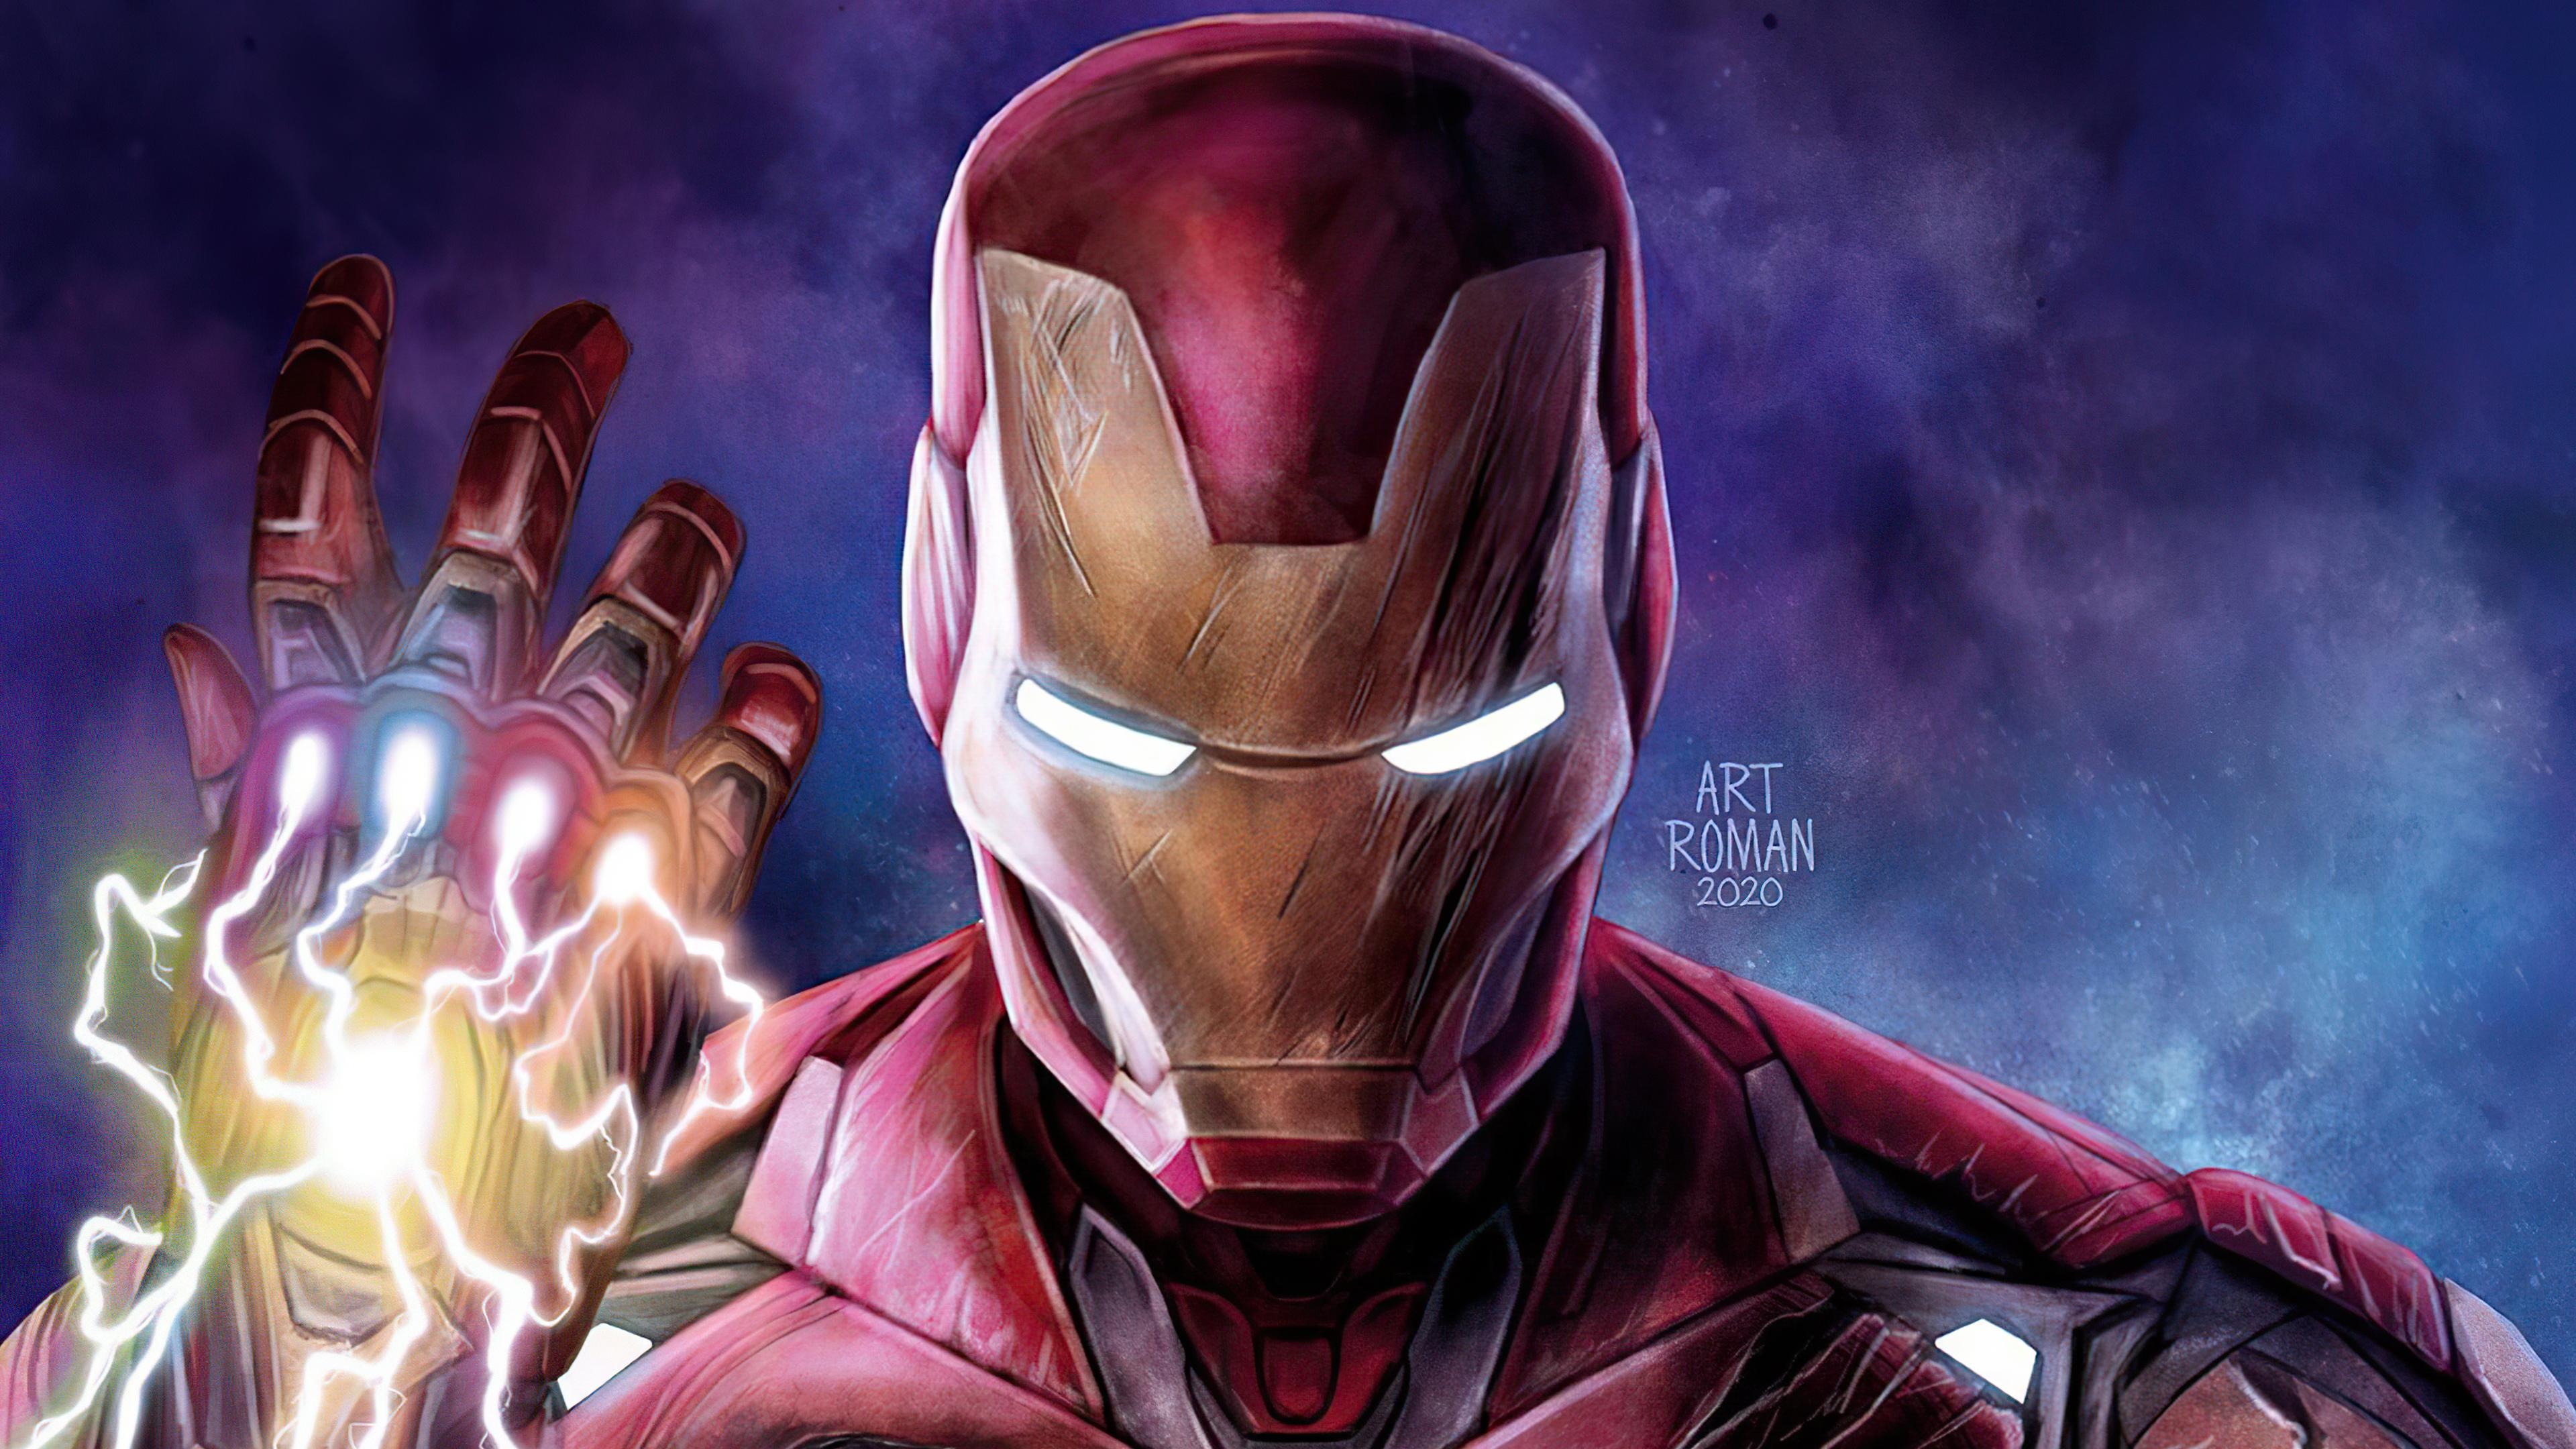 iron man gauntlet 4k 1617446727 - Iron Man Gauntlet 4k - Iron Man Gauntlet 4k wallpapers